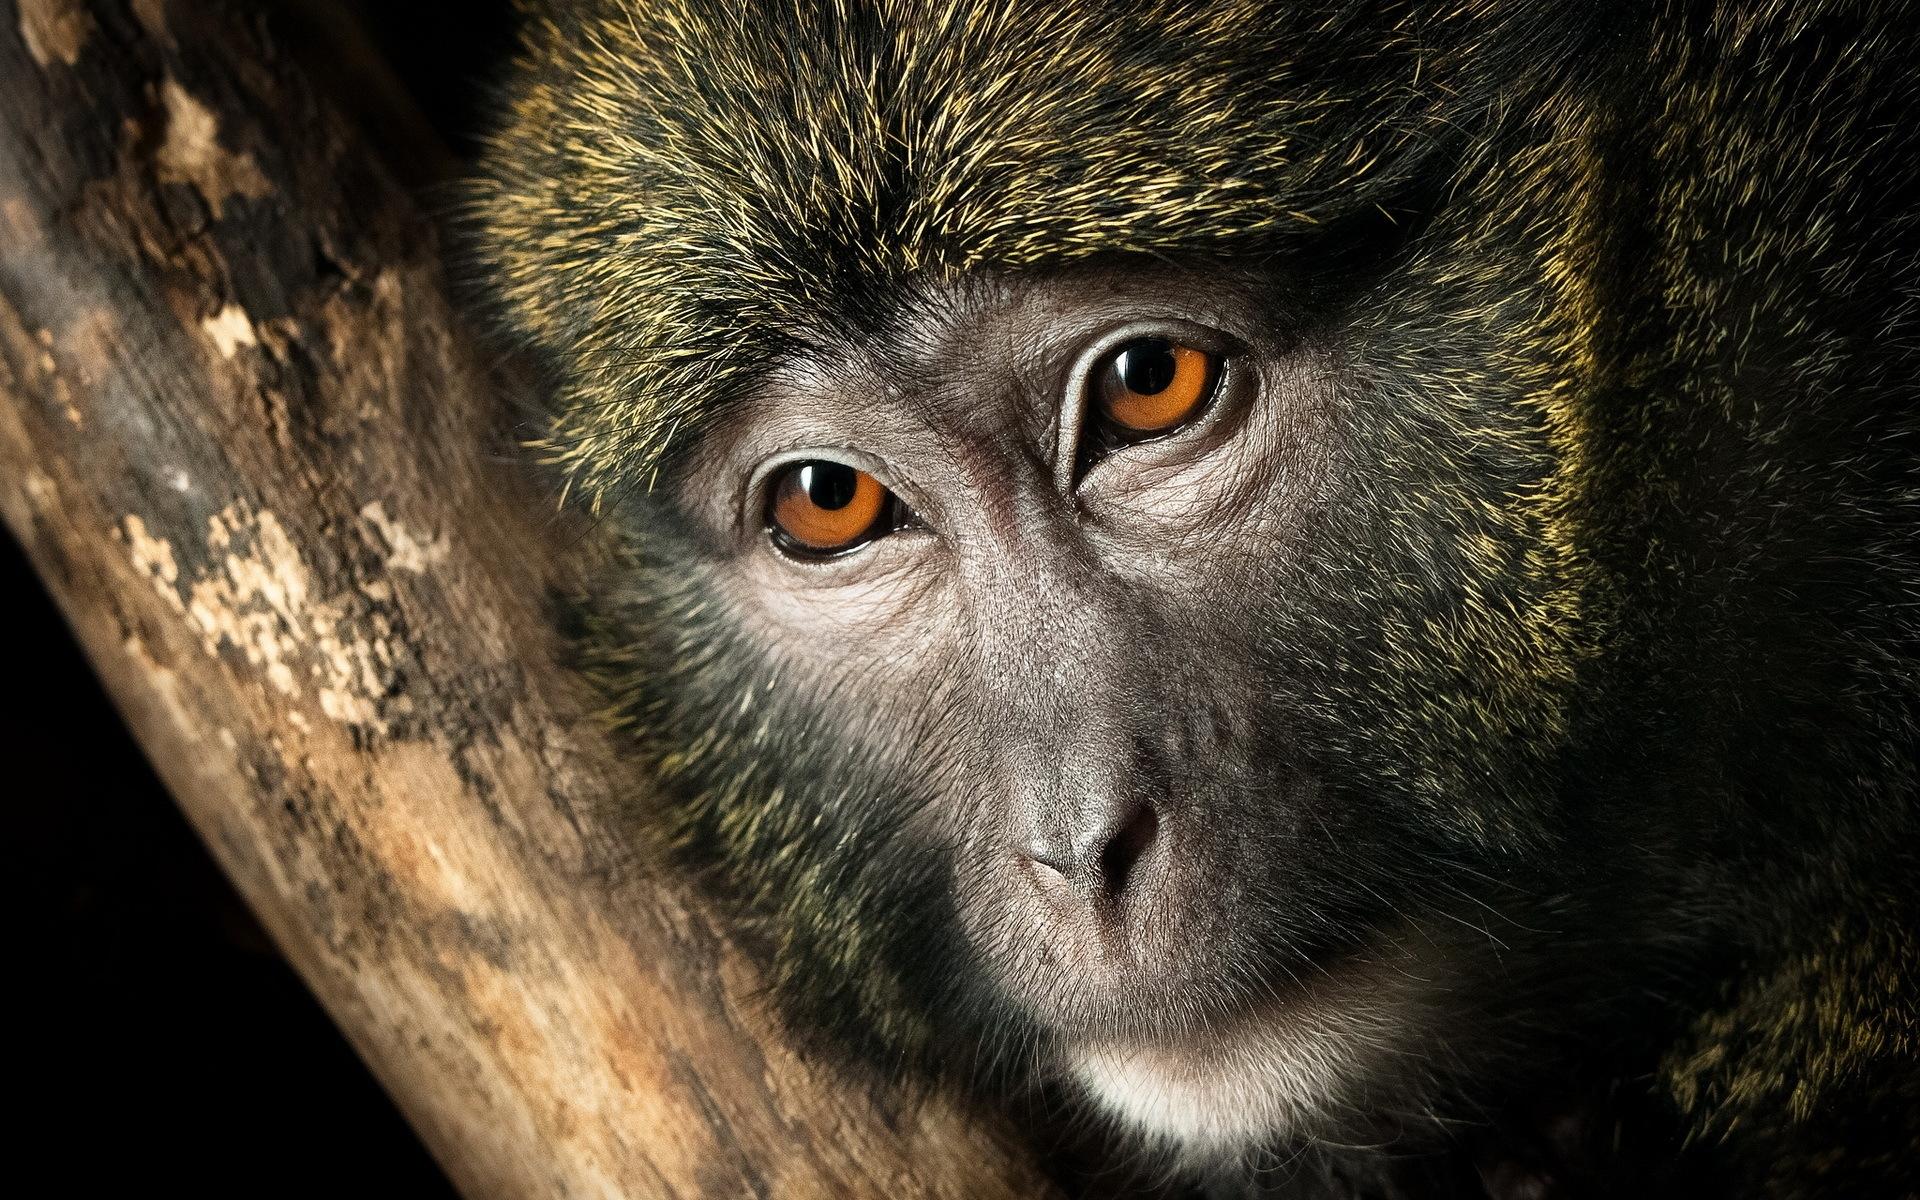 картинки диких обезьян группы виа